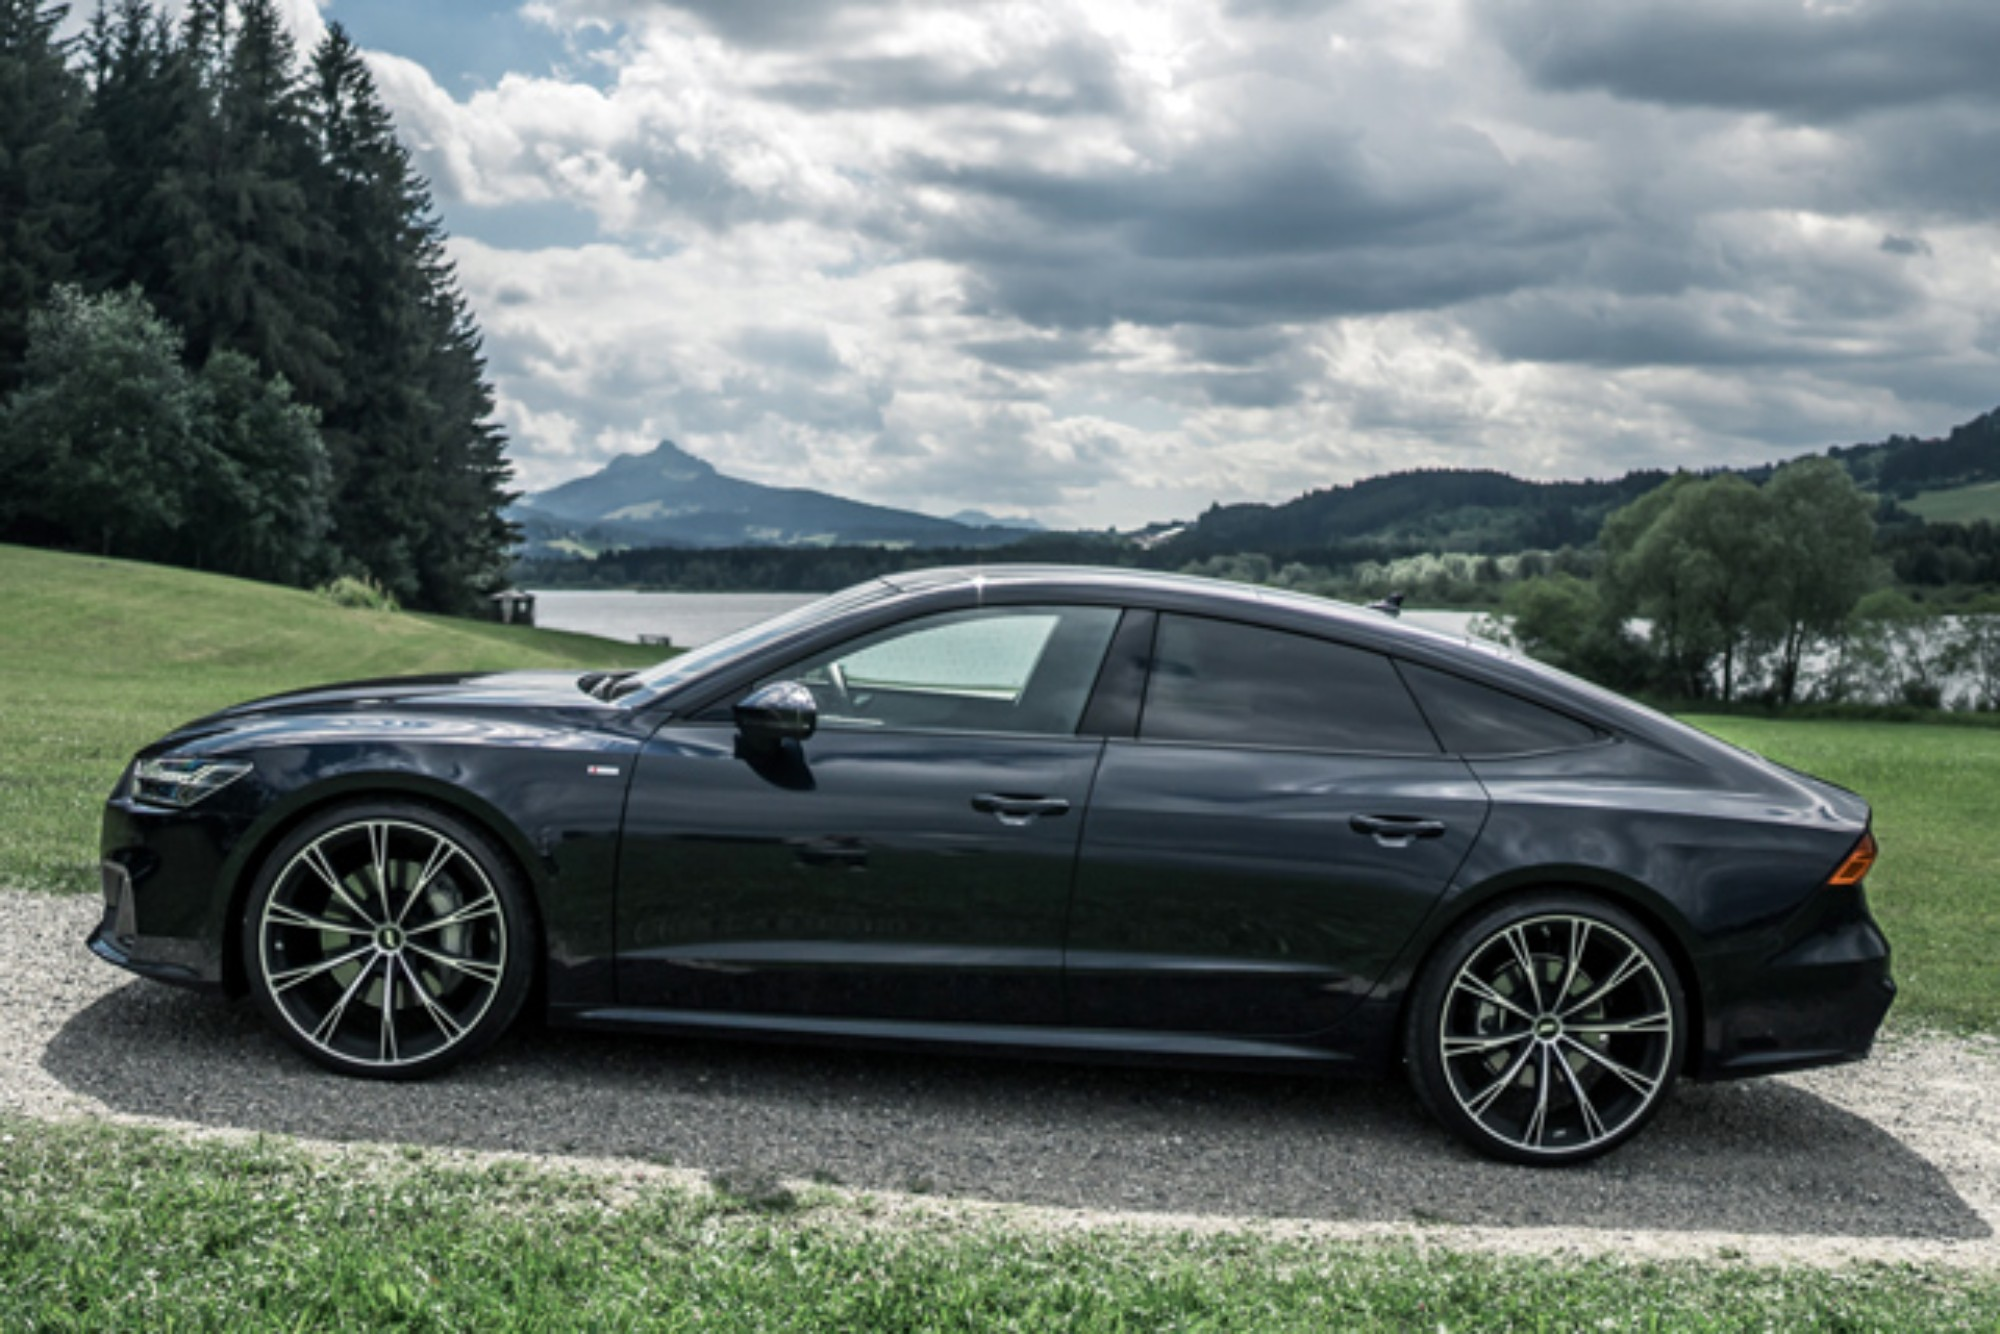 Kekurangan A7 2019 Audi Perbandingan Harga